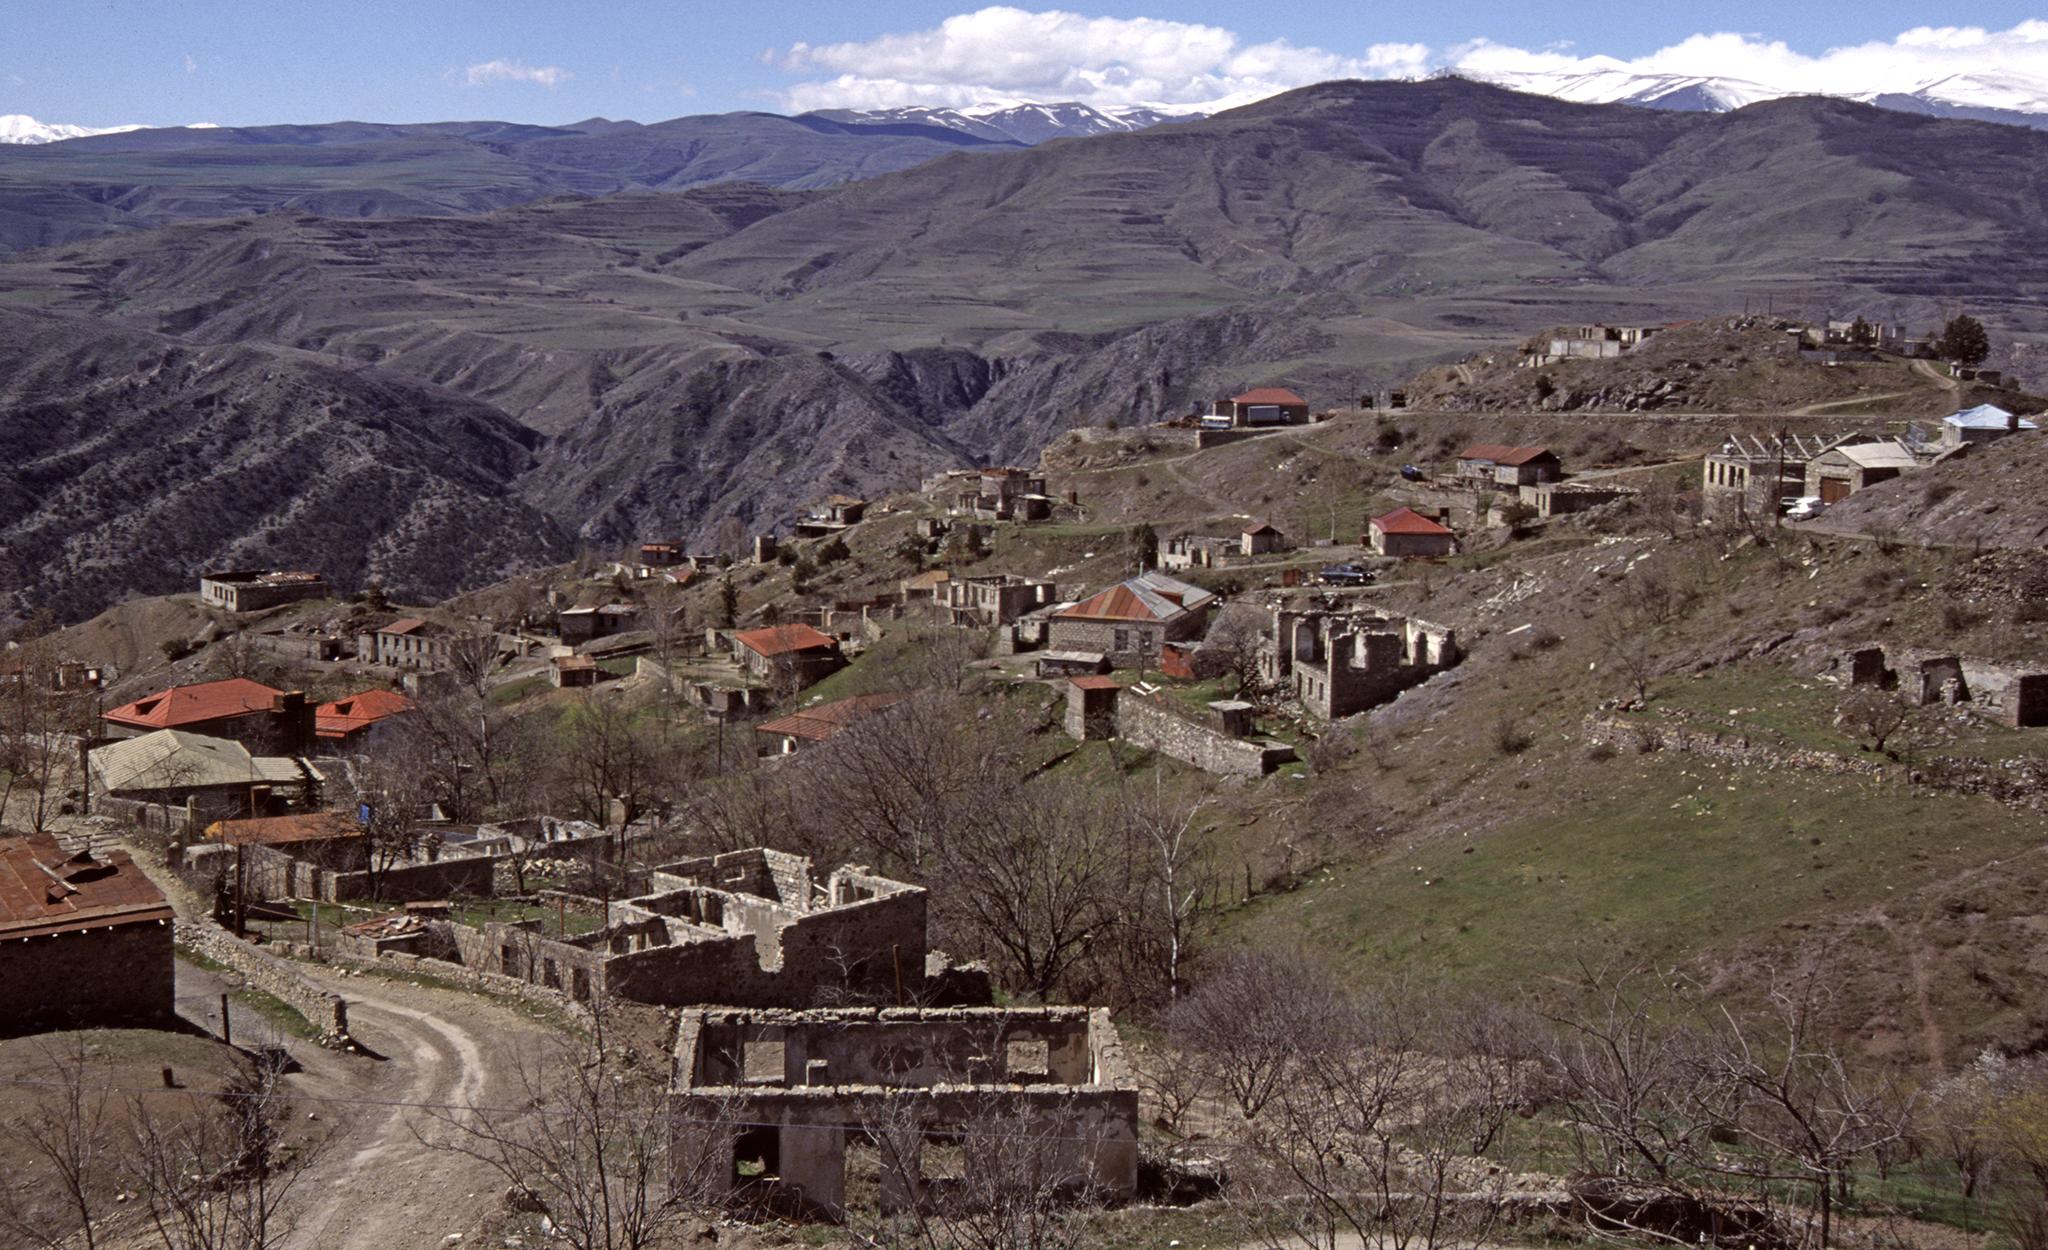 2002 / Nagorno Karabach, famous Lacin-Corridor, towards Armenia